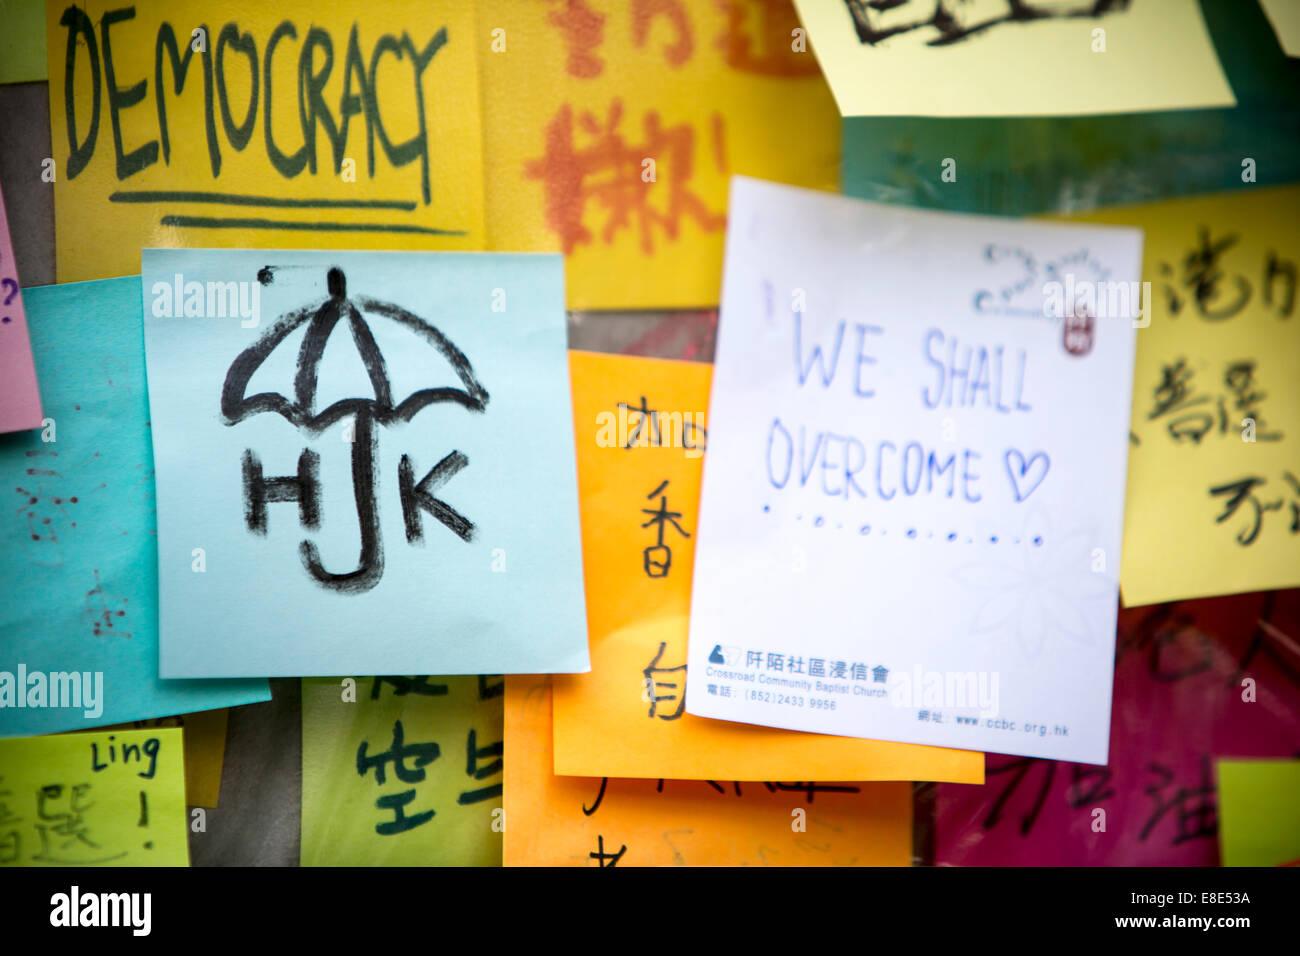 Révolution parapluie à hong kong, les combats pour la démocratie Photo Stock